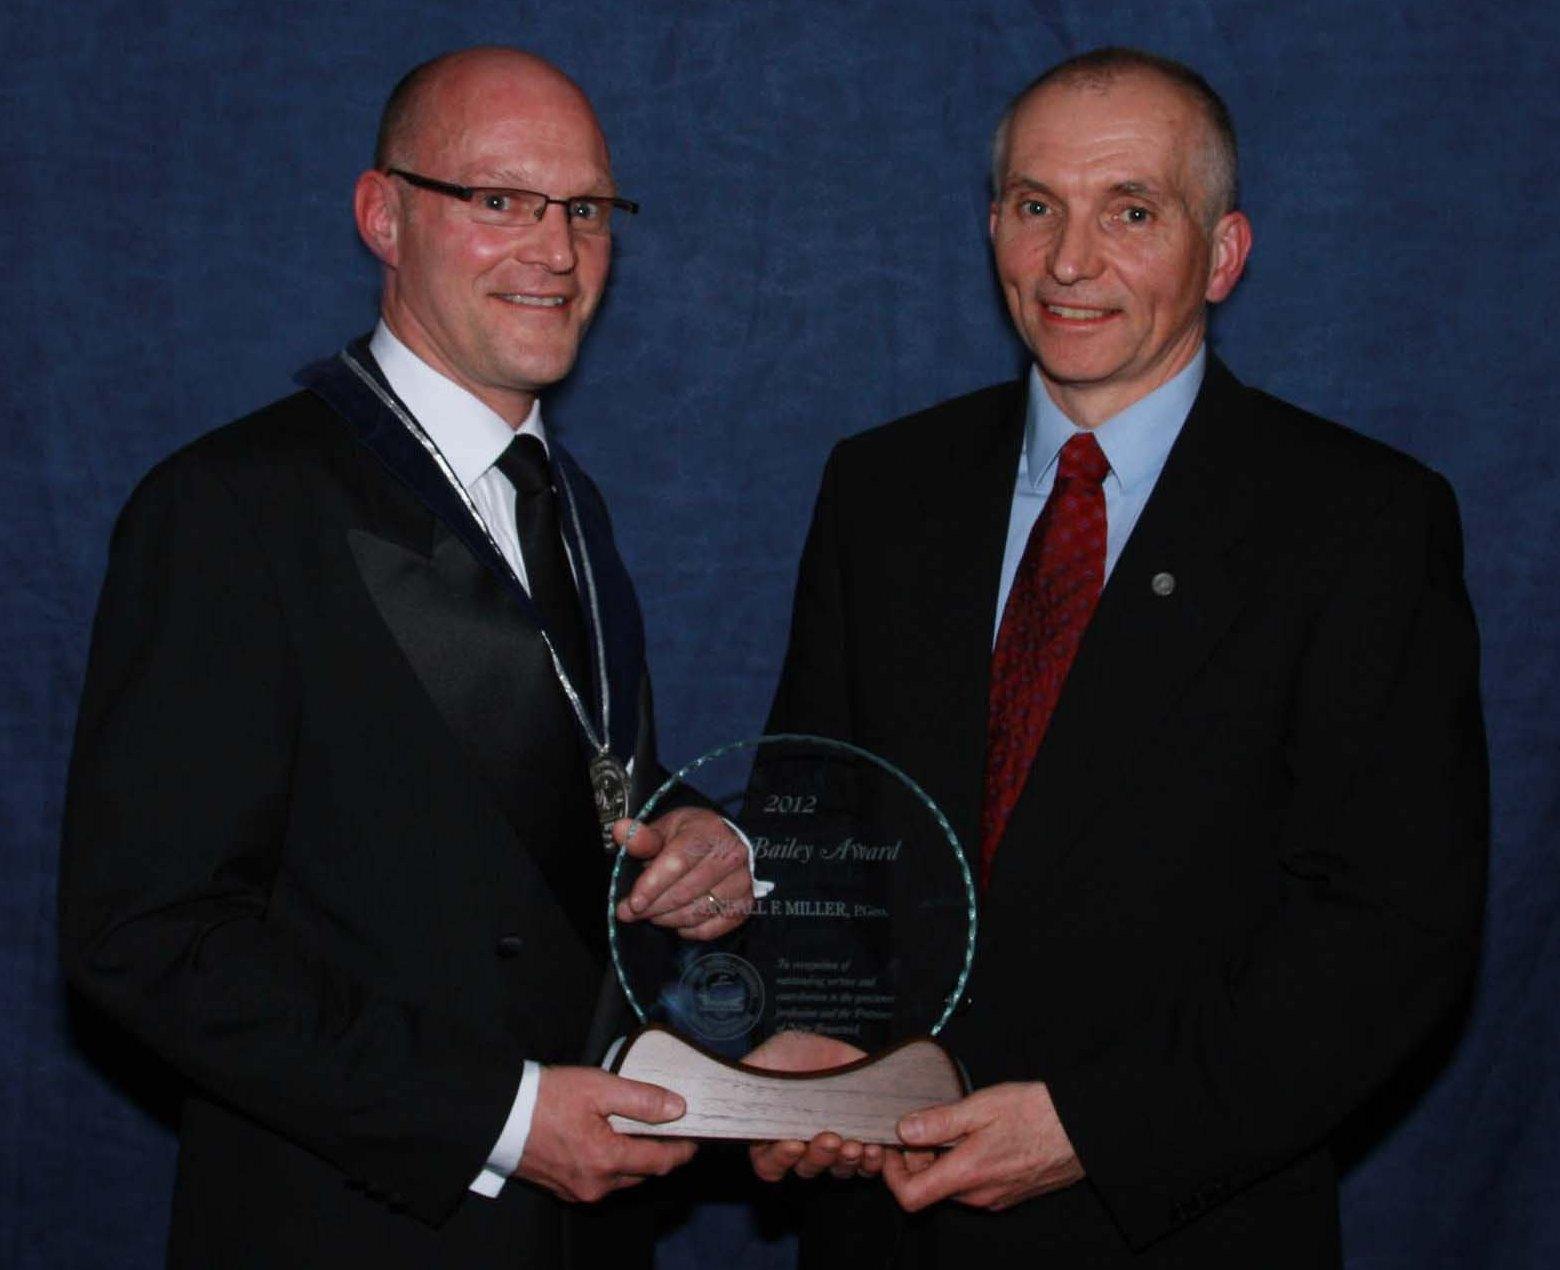 Darryl Ford Dr. Randy Miller 2012 LW Bailey Award.JPG